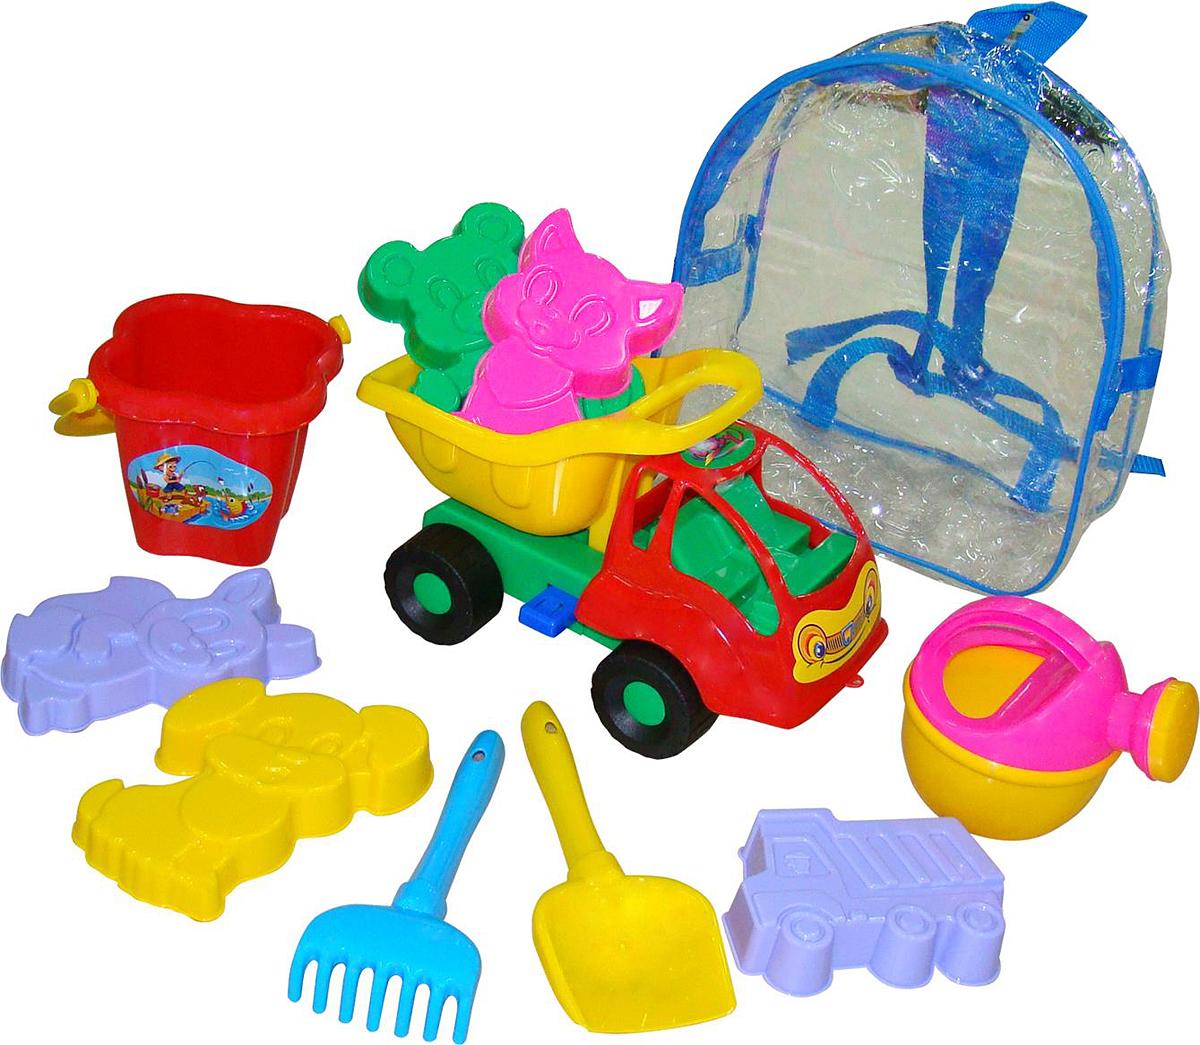 Полесье Набор игрушек для песочницы №310 Муравей, цвет в ассортименте